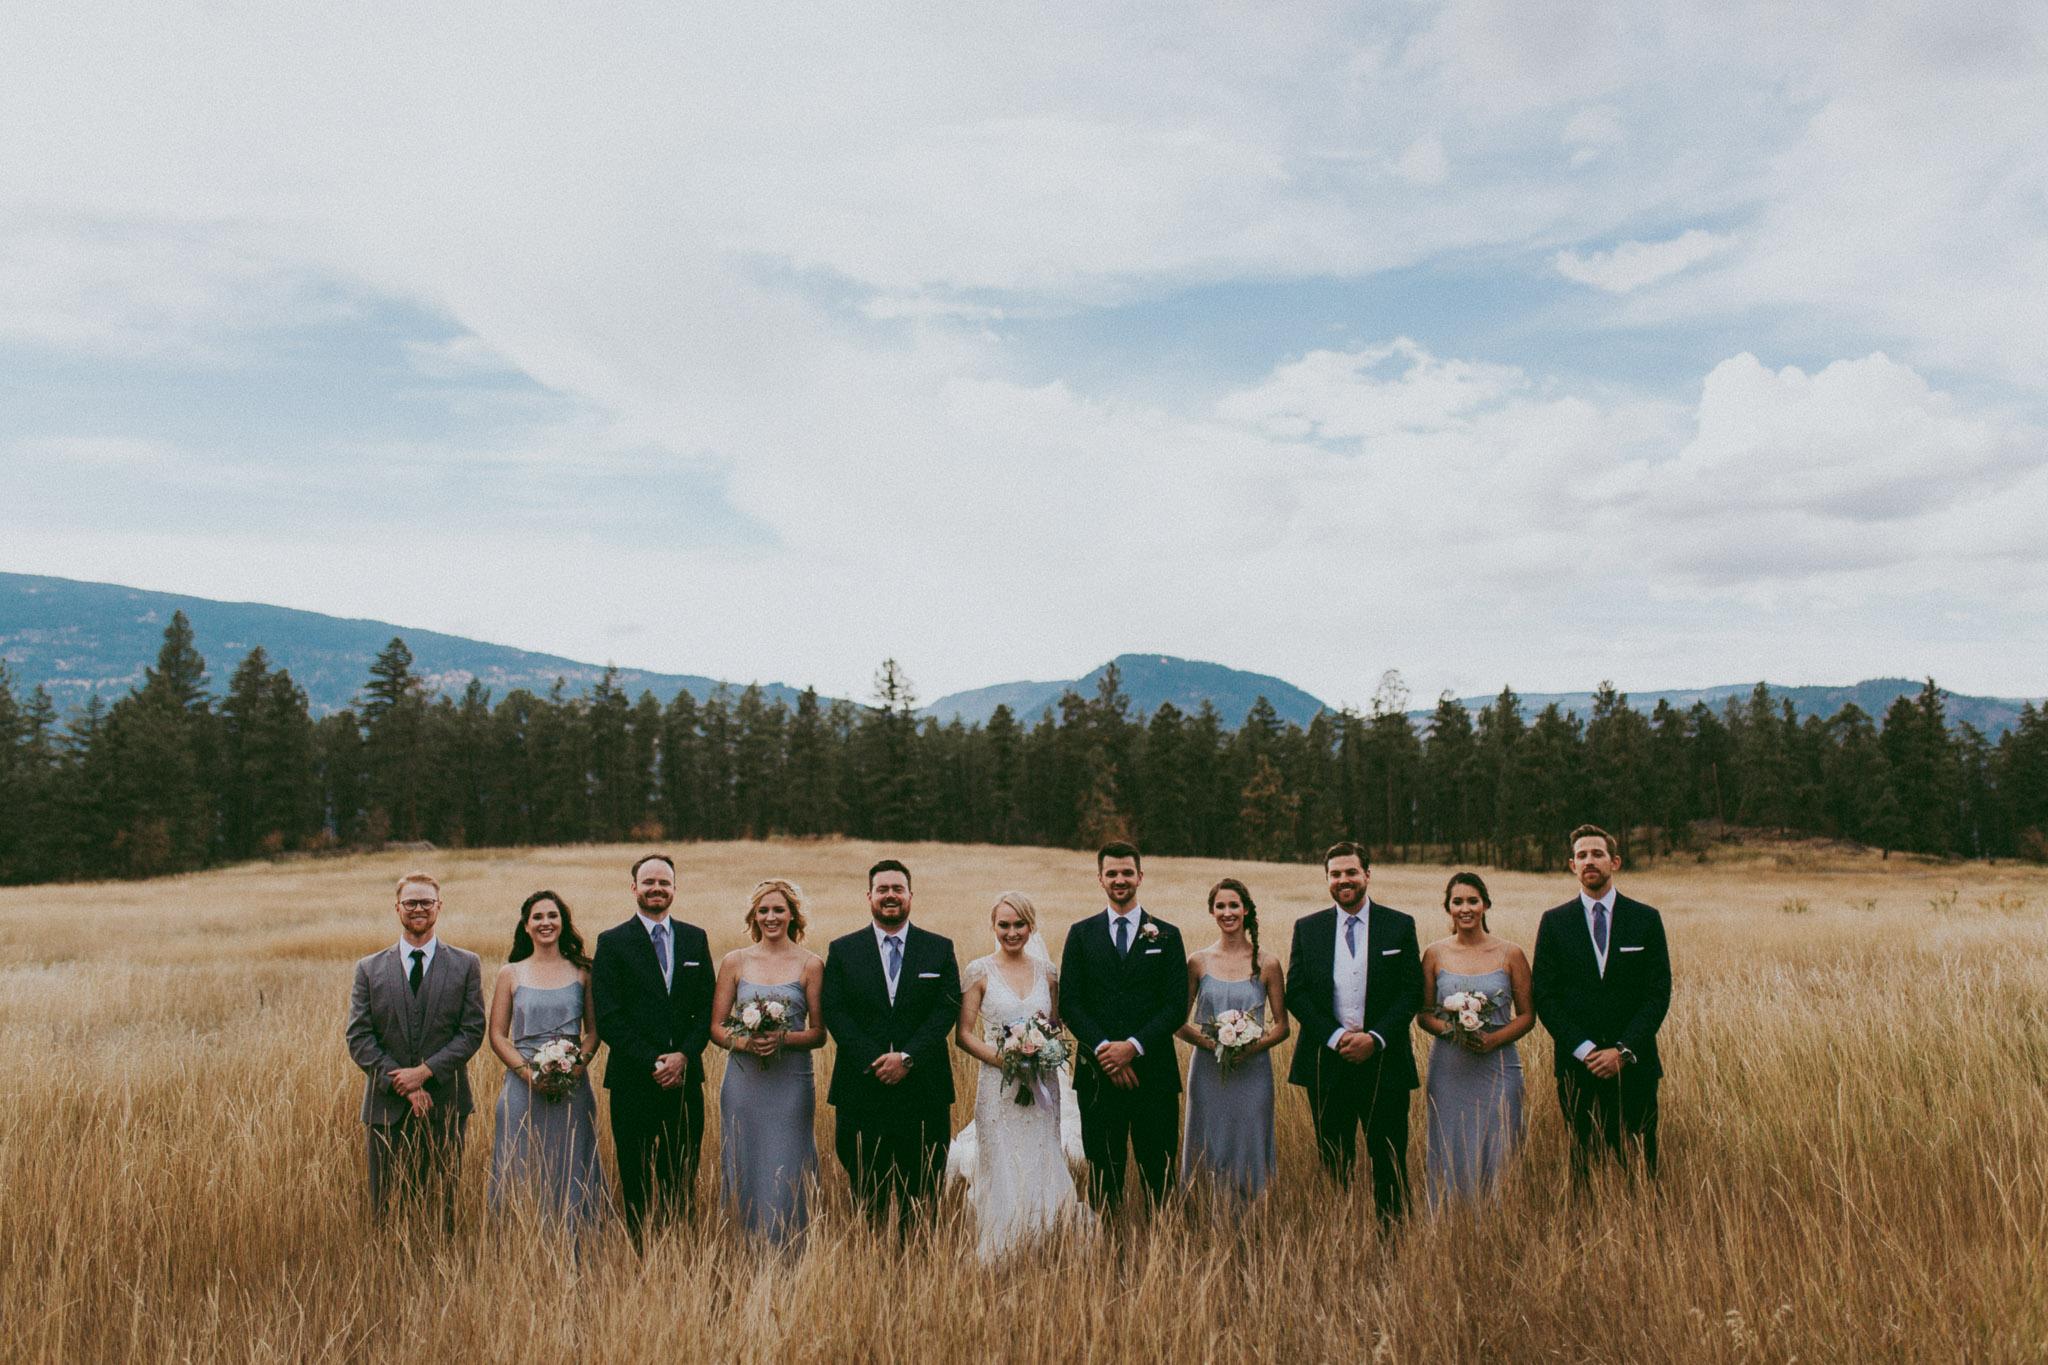 Ellison Wedding Photography - Mountain Wedding Photographer